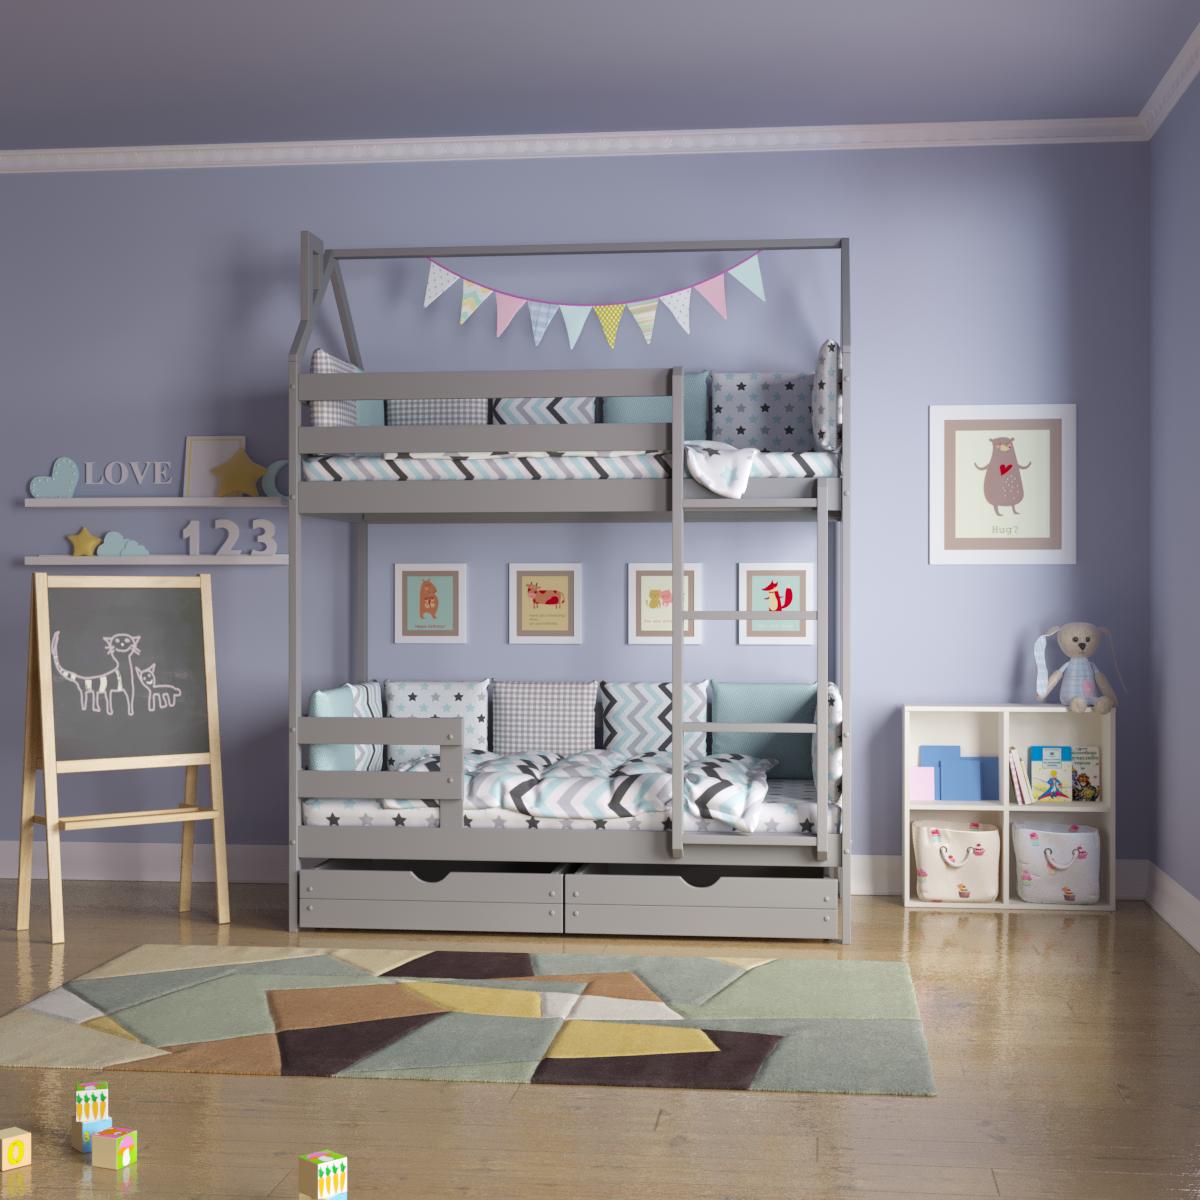 Почему кроватка-домик очень популярна у детей и взрослых?